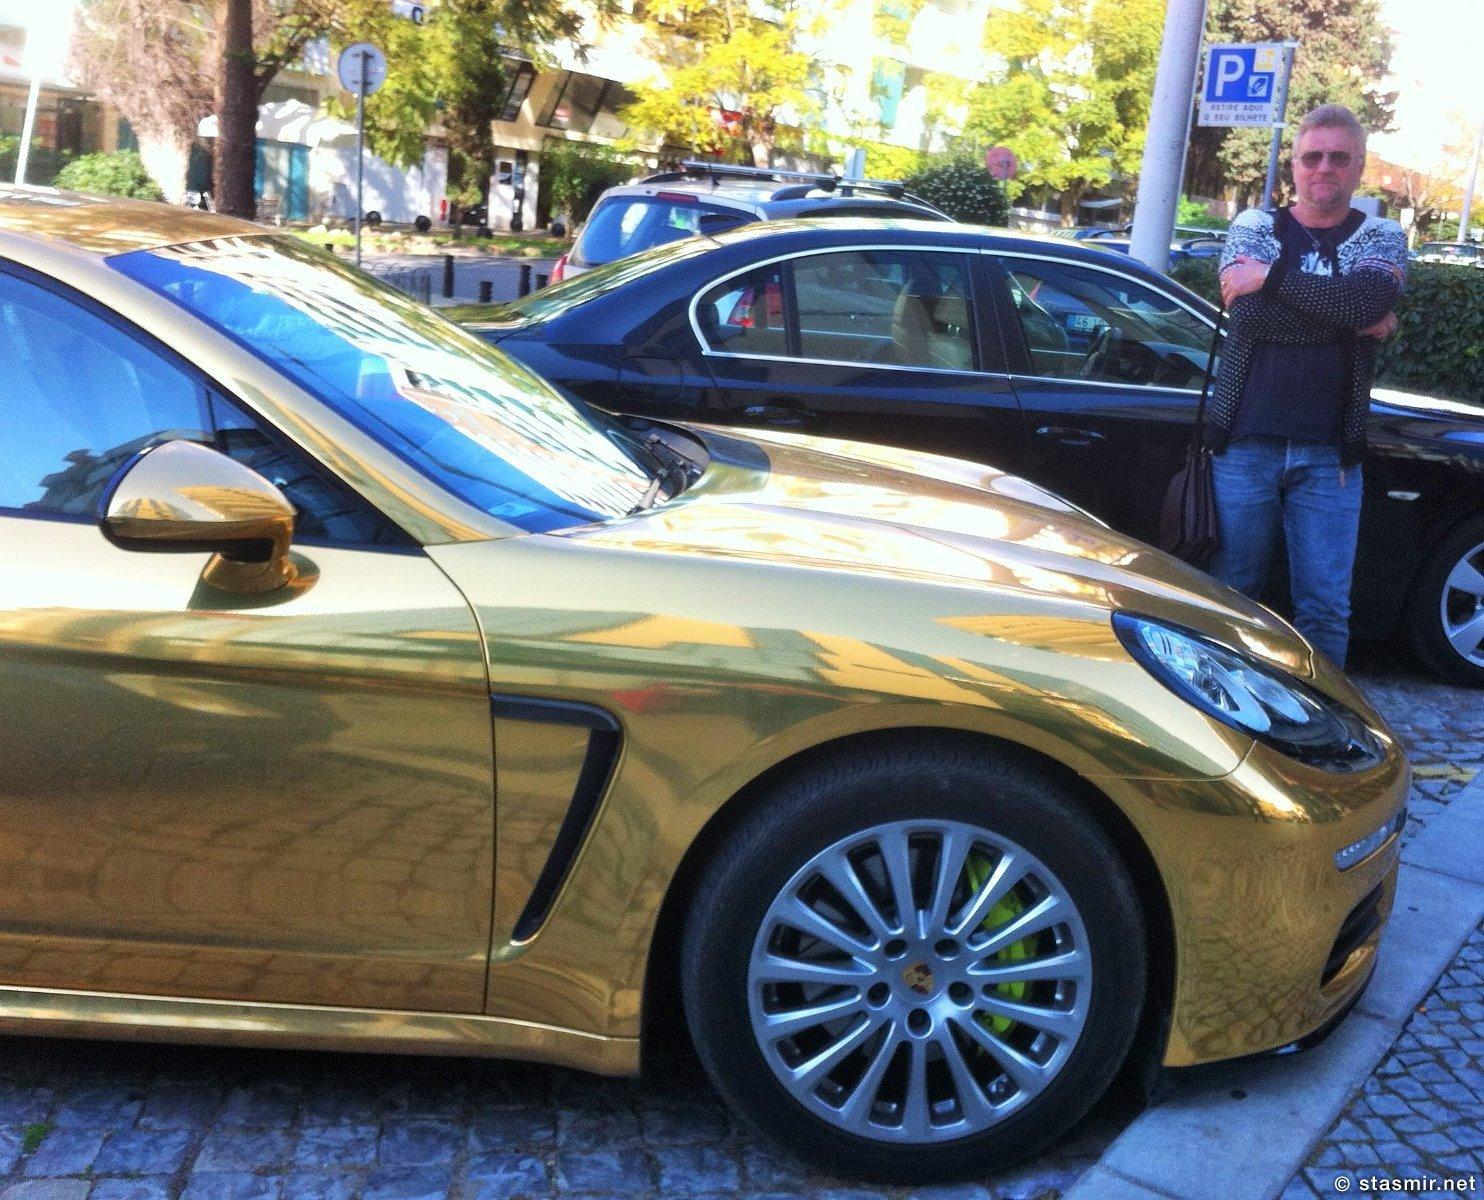 Золотой Порш в Фару, Алгарве, Porsche Panamera, Photo Stasmir, Фото Стасмир